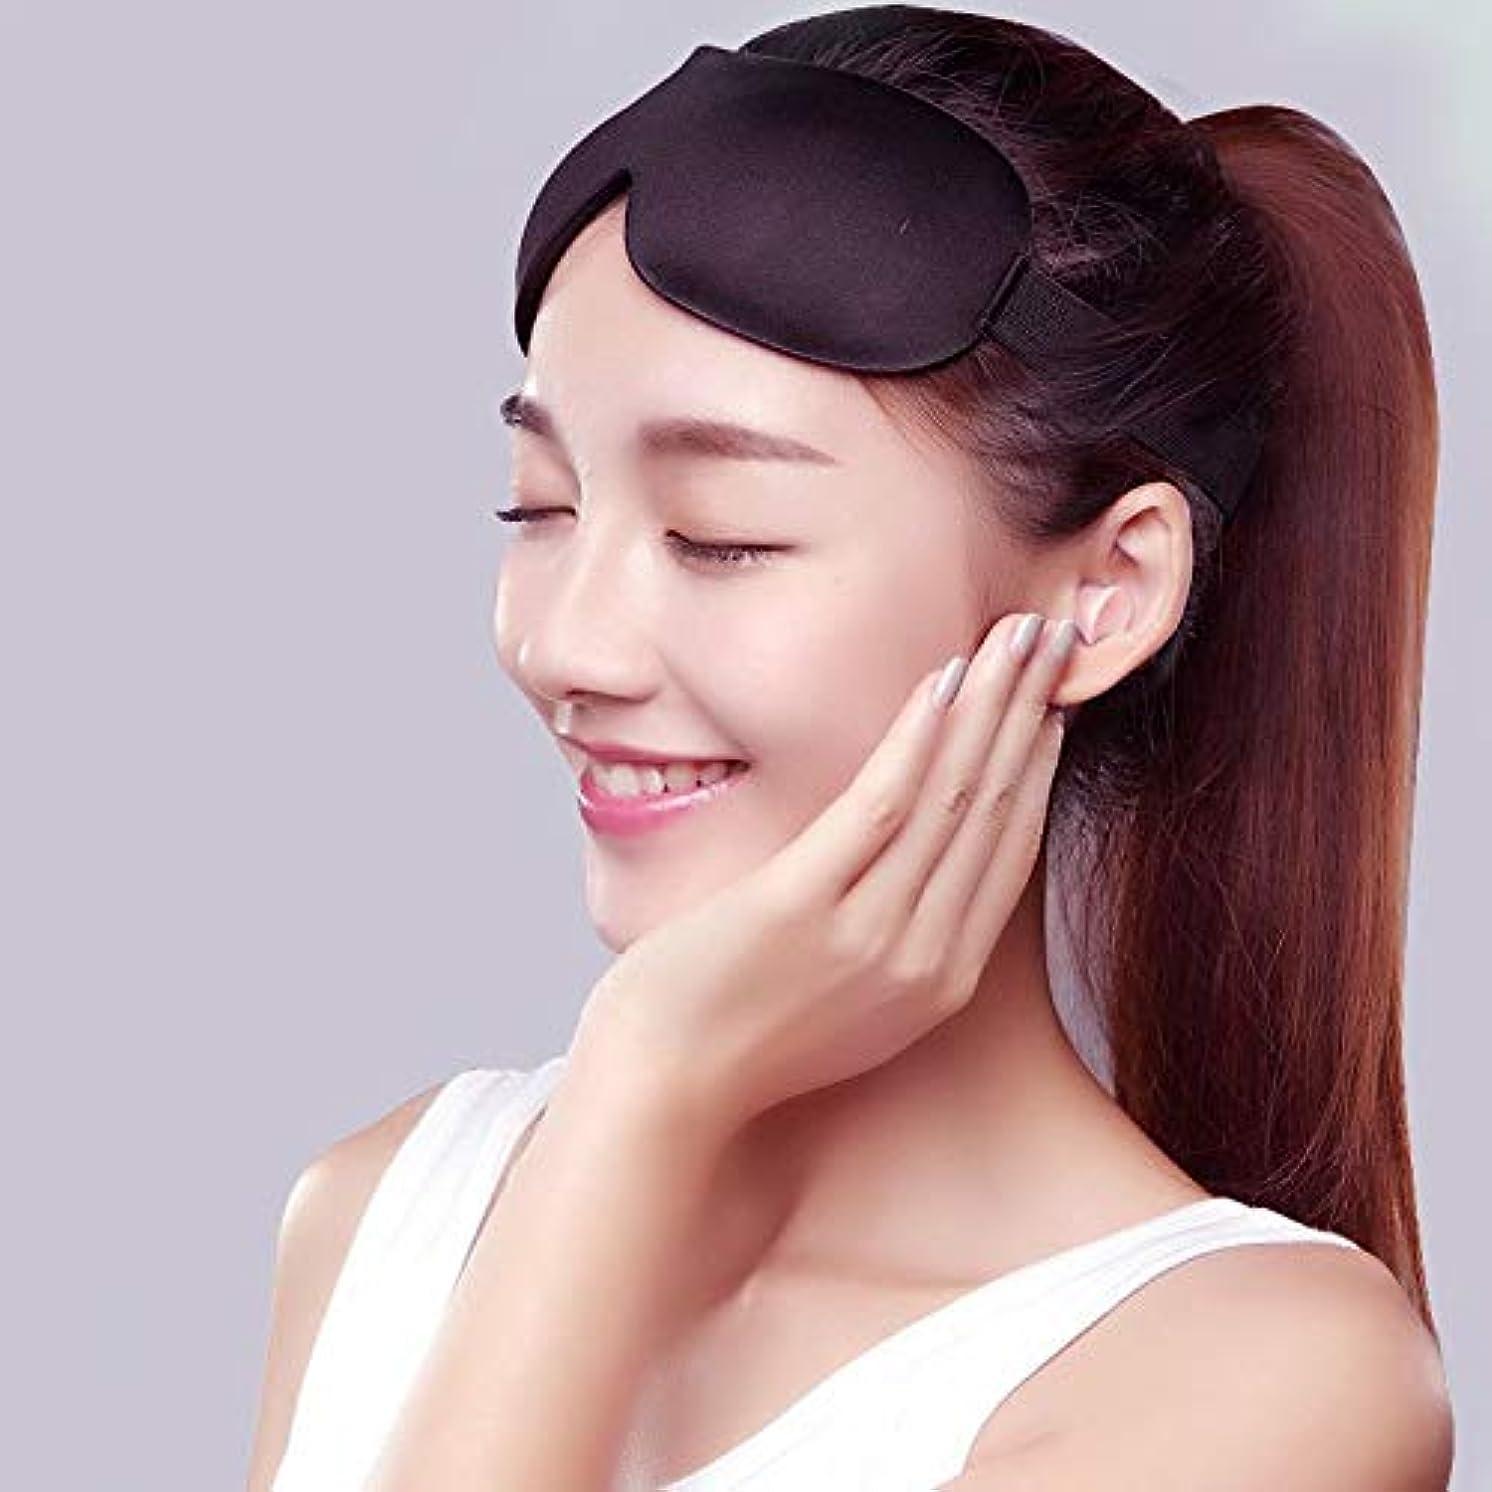 のホスト関係ない心からメモアイシェード睡眠防音性耳栓ミュートアンチいびき睡眠アイマスク